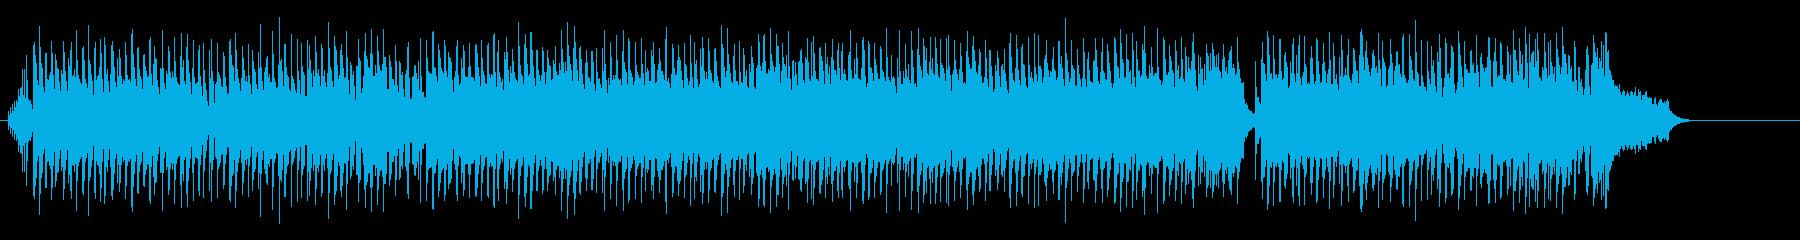 親しみやすさ漂うのびのびヒューマンの再生済みの波形